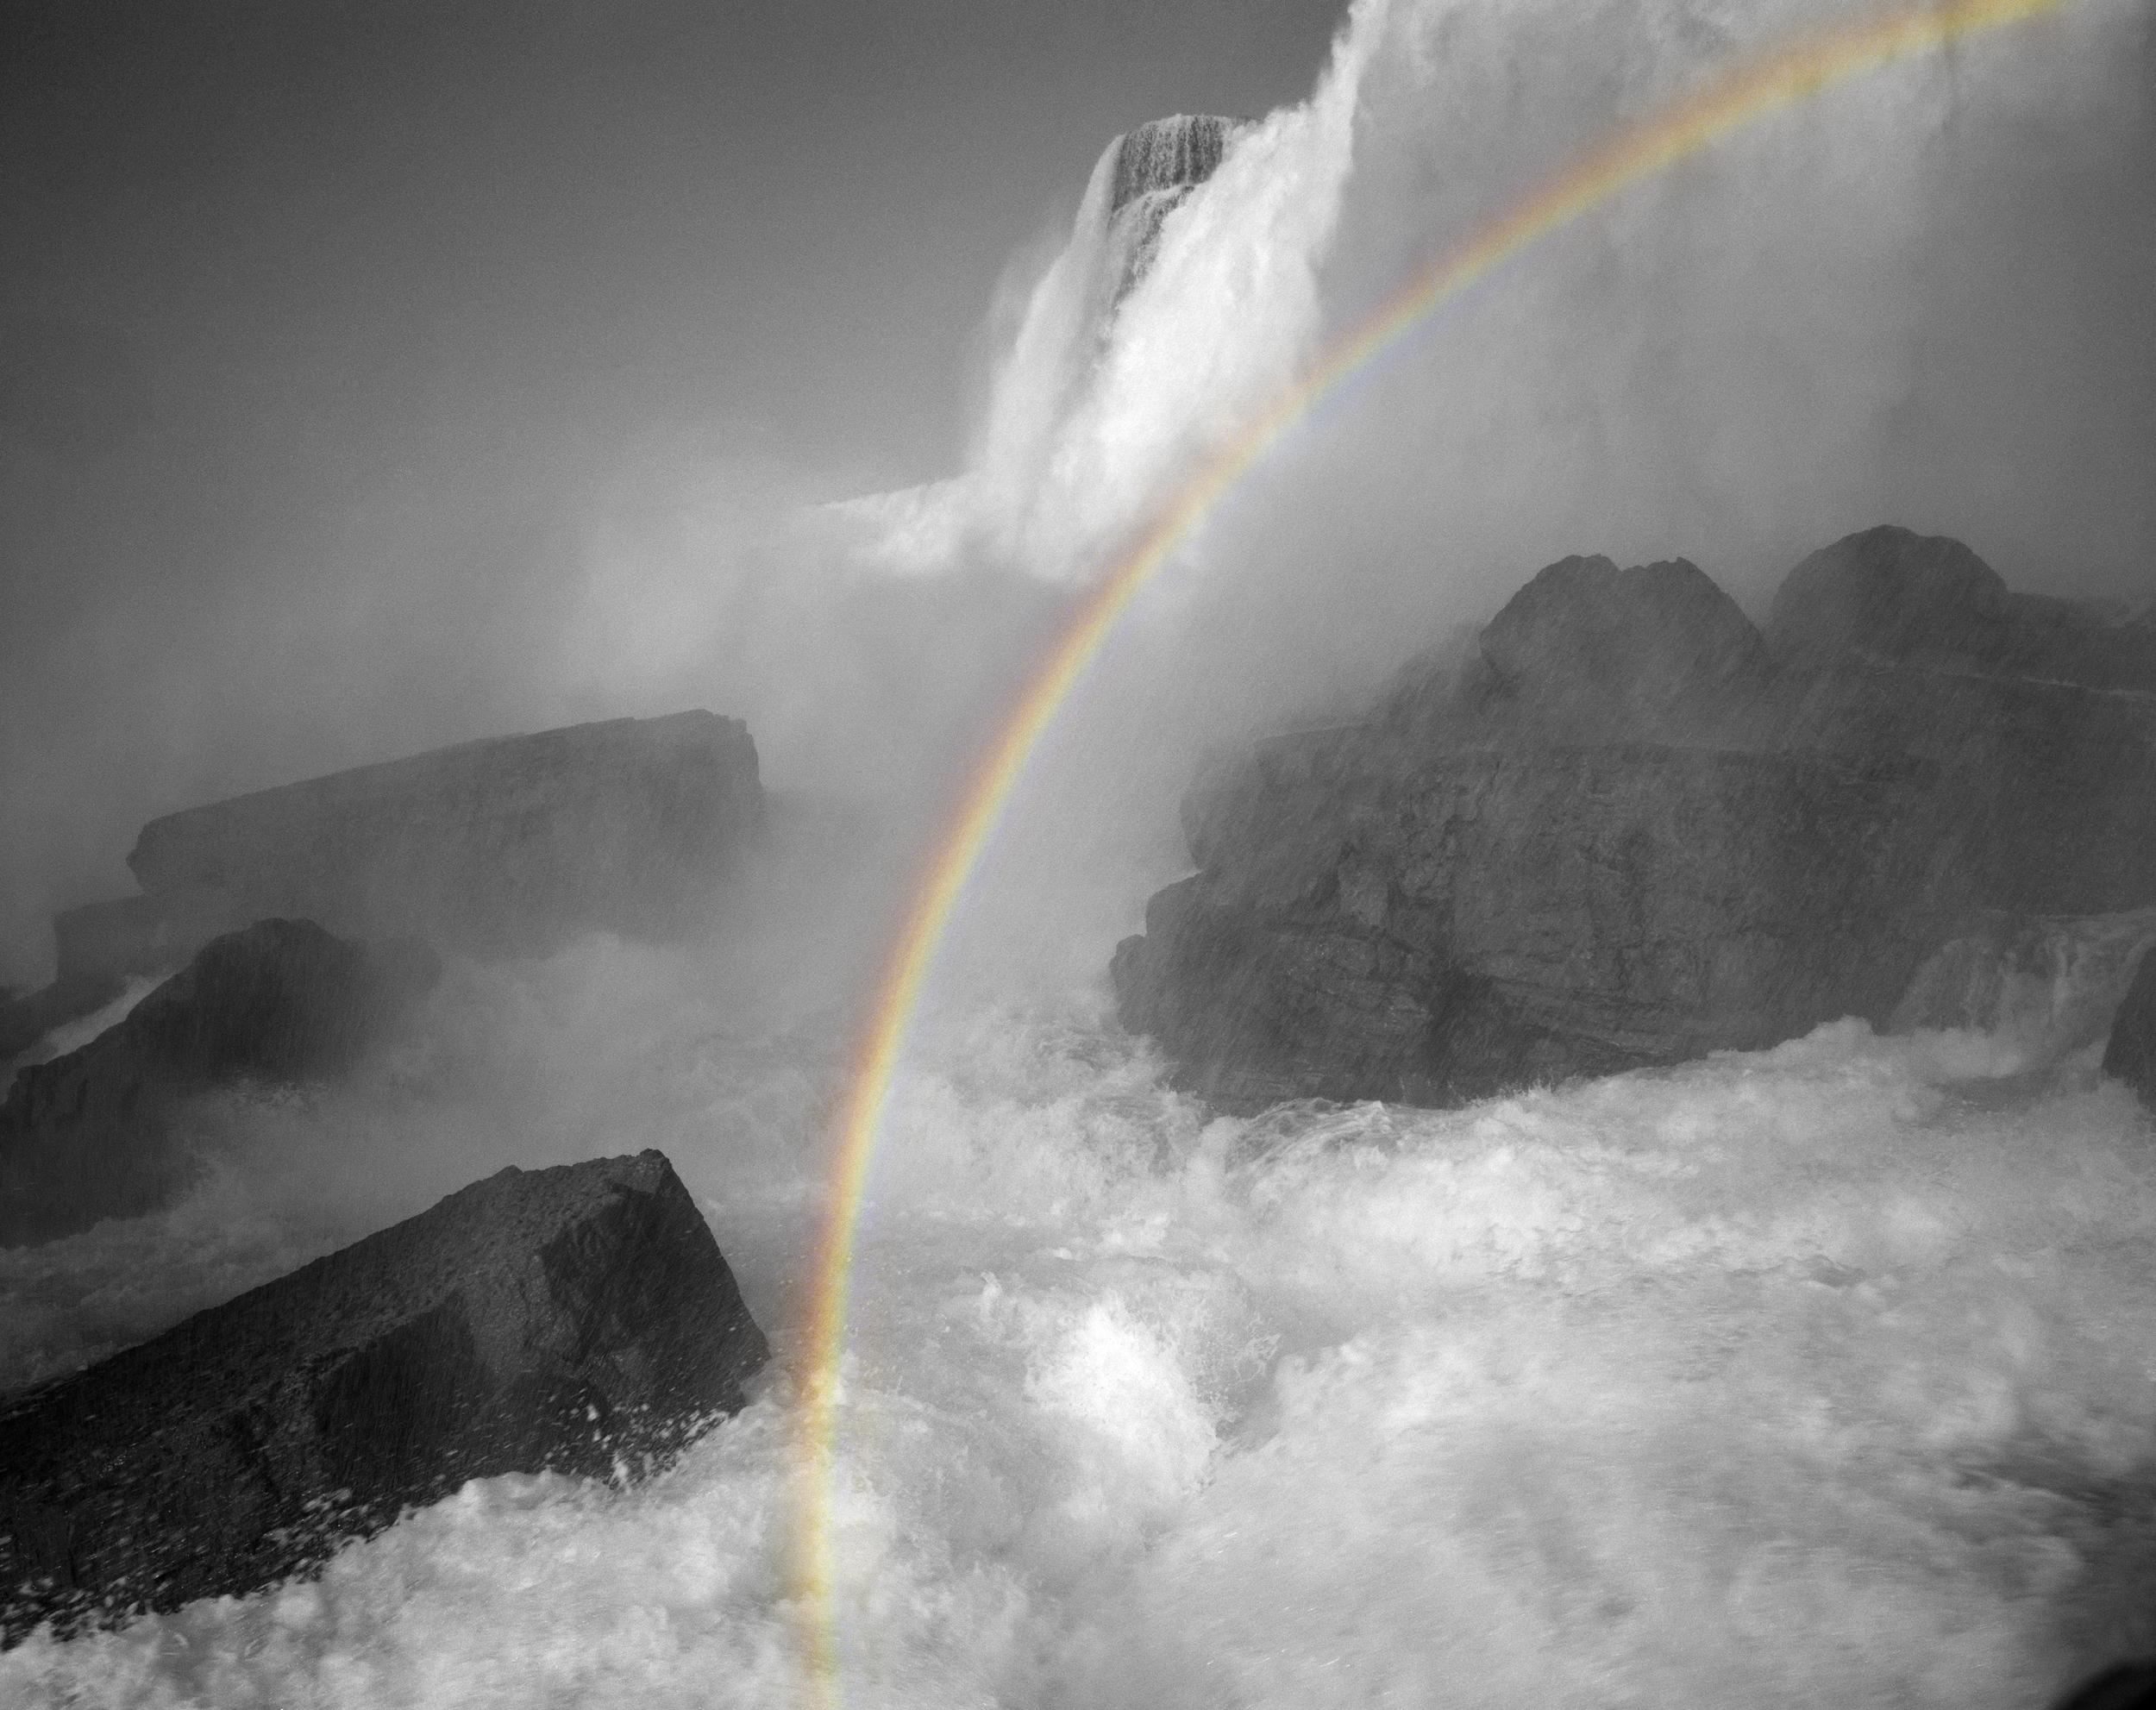 20060804_cru_NiagaraBow_005.jpg